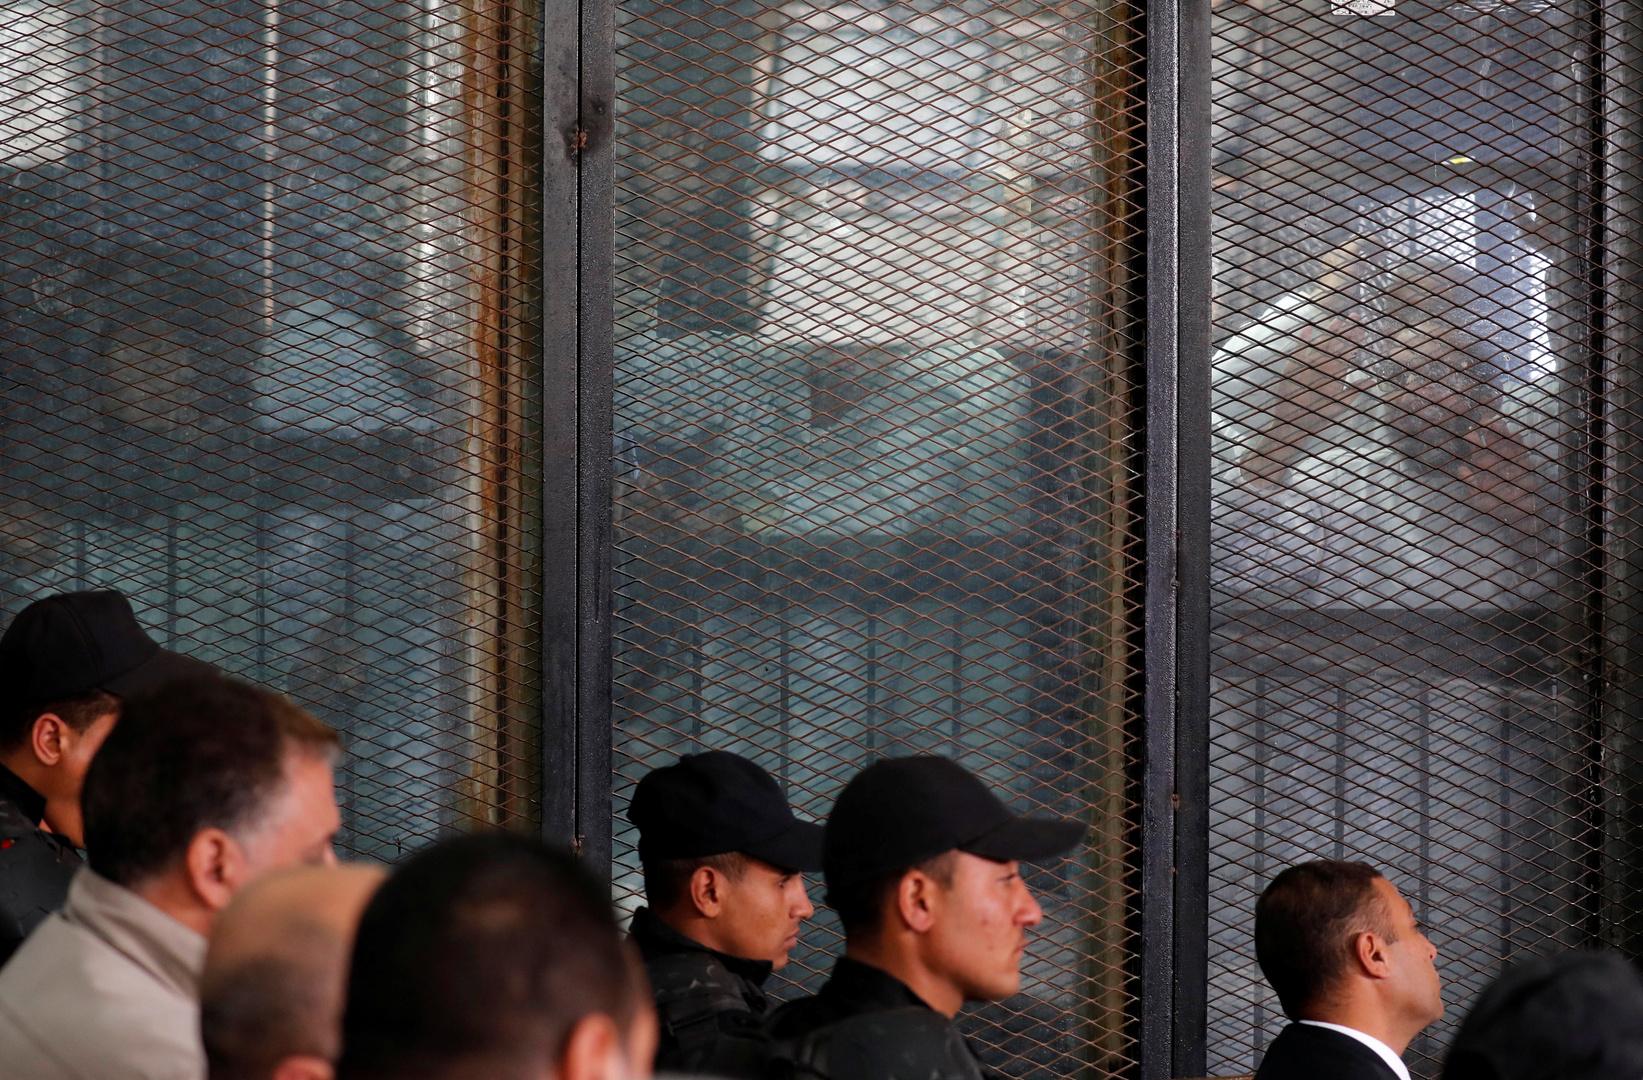 مصر تصدر قرارا بشأن مستشار الرئيس المصري الراحل محمد مرسي